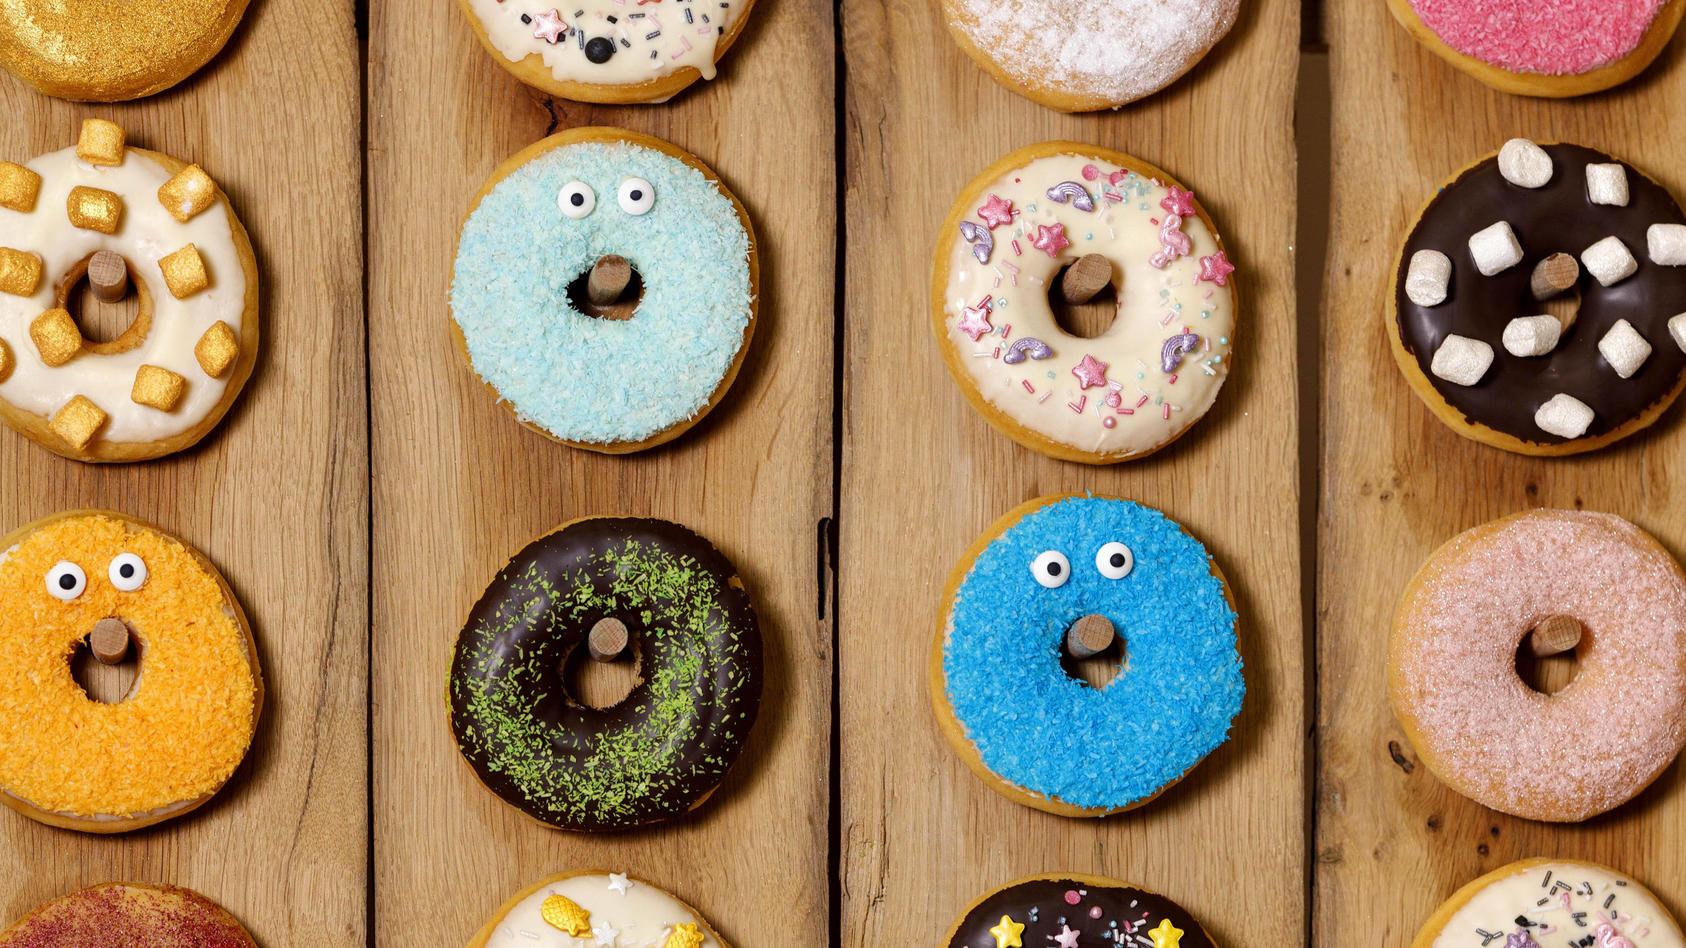 Süßigkeiten stehen auch in diesem Jahr wieder ganz oben auf der Fastenliste.